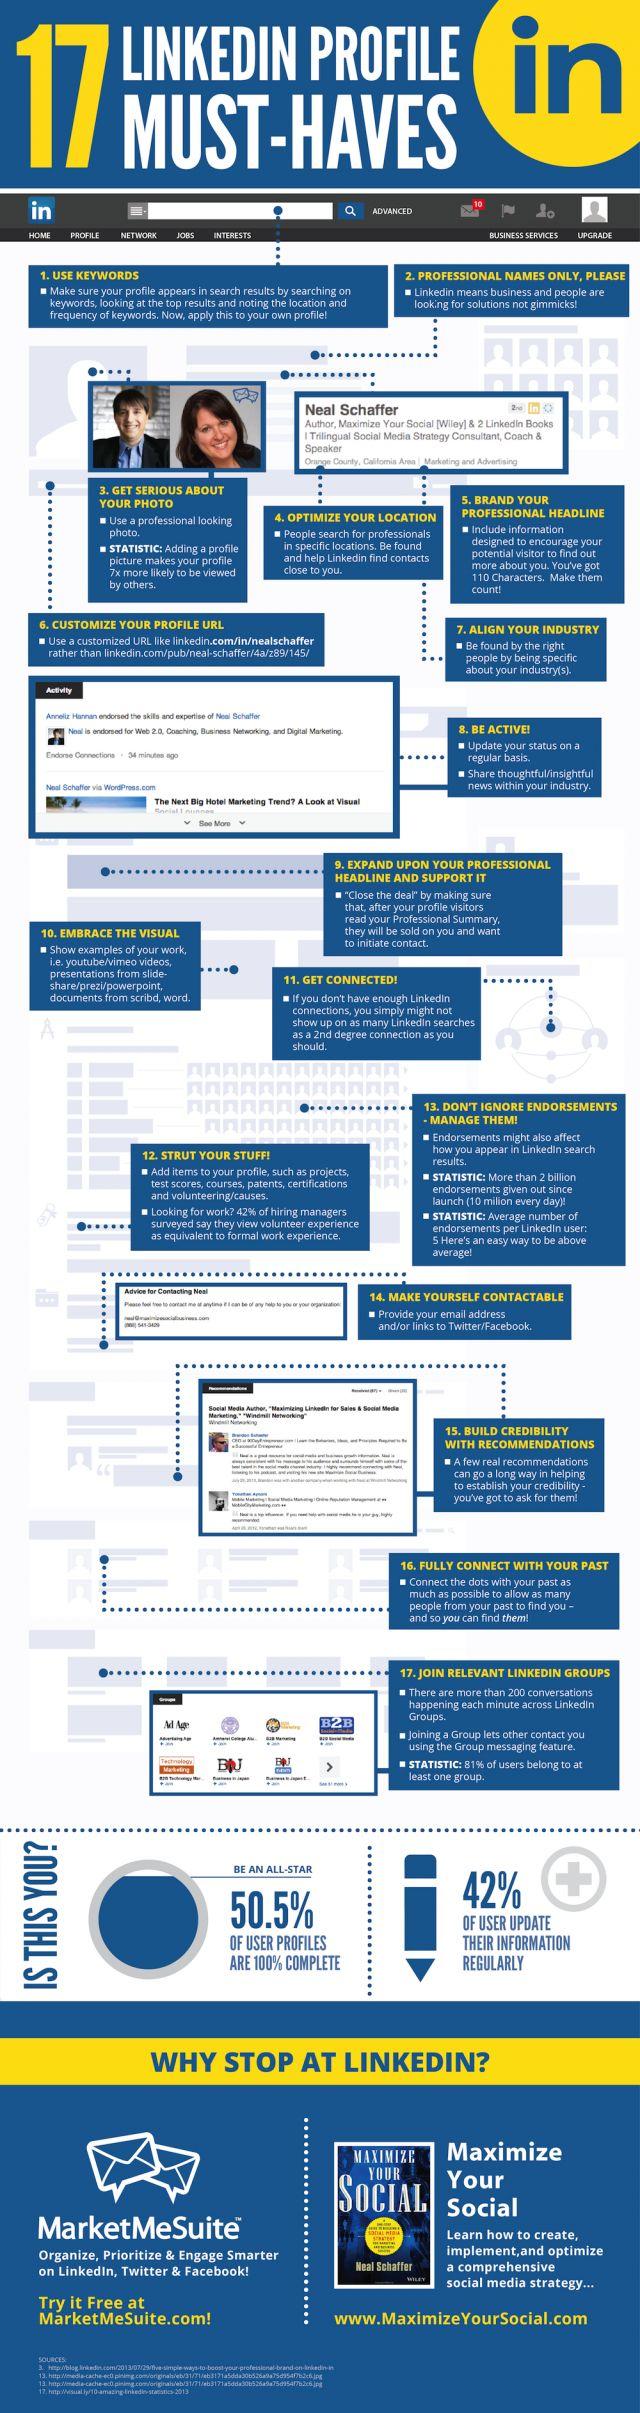 17 LinkedIn Profile Must-Haves #Infographic 17 rzeczy, których nie może zabraknąć na profesjonalnym profilu na #LinkedIn